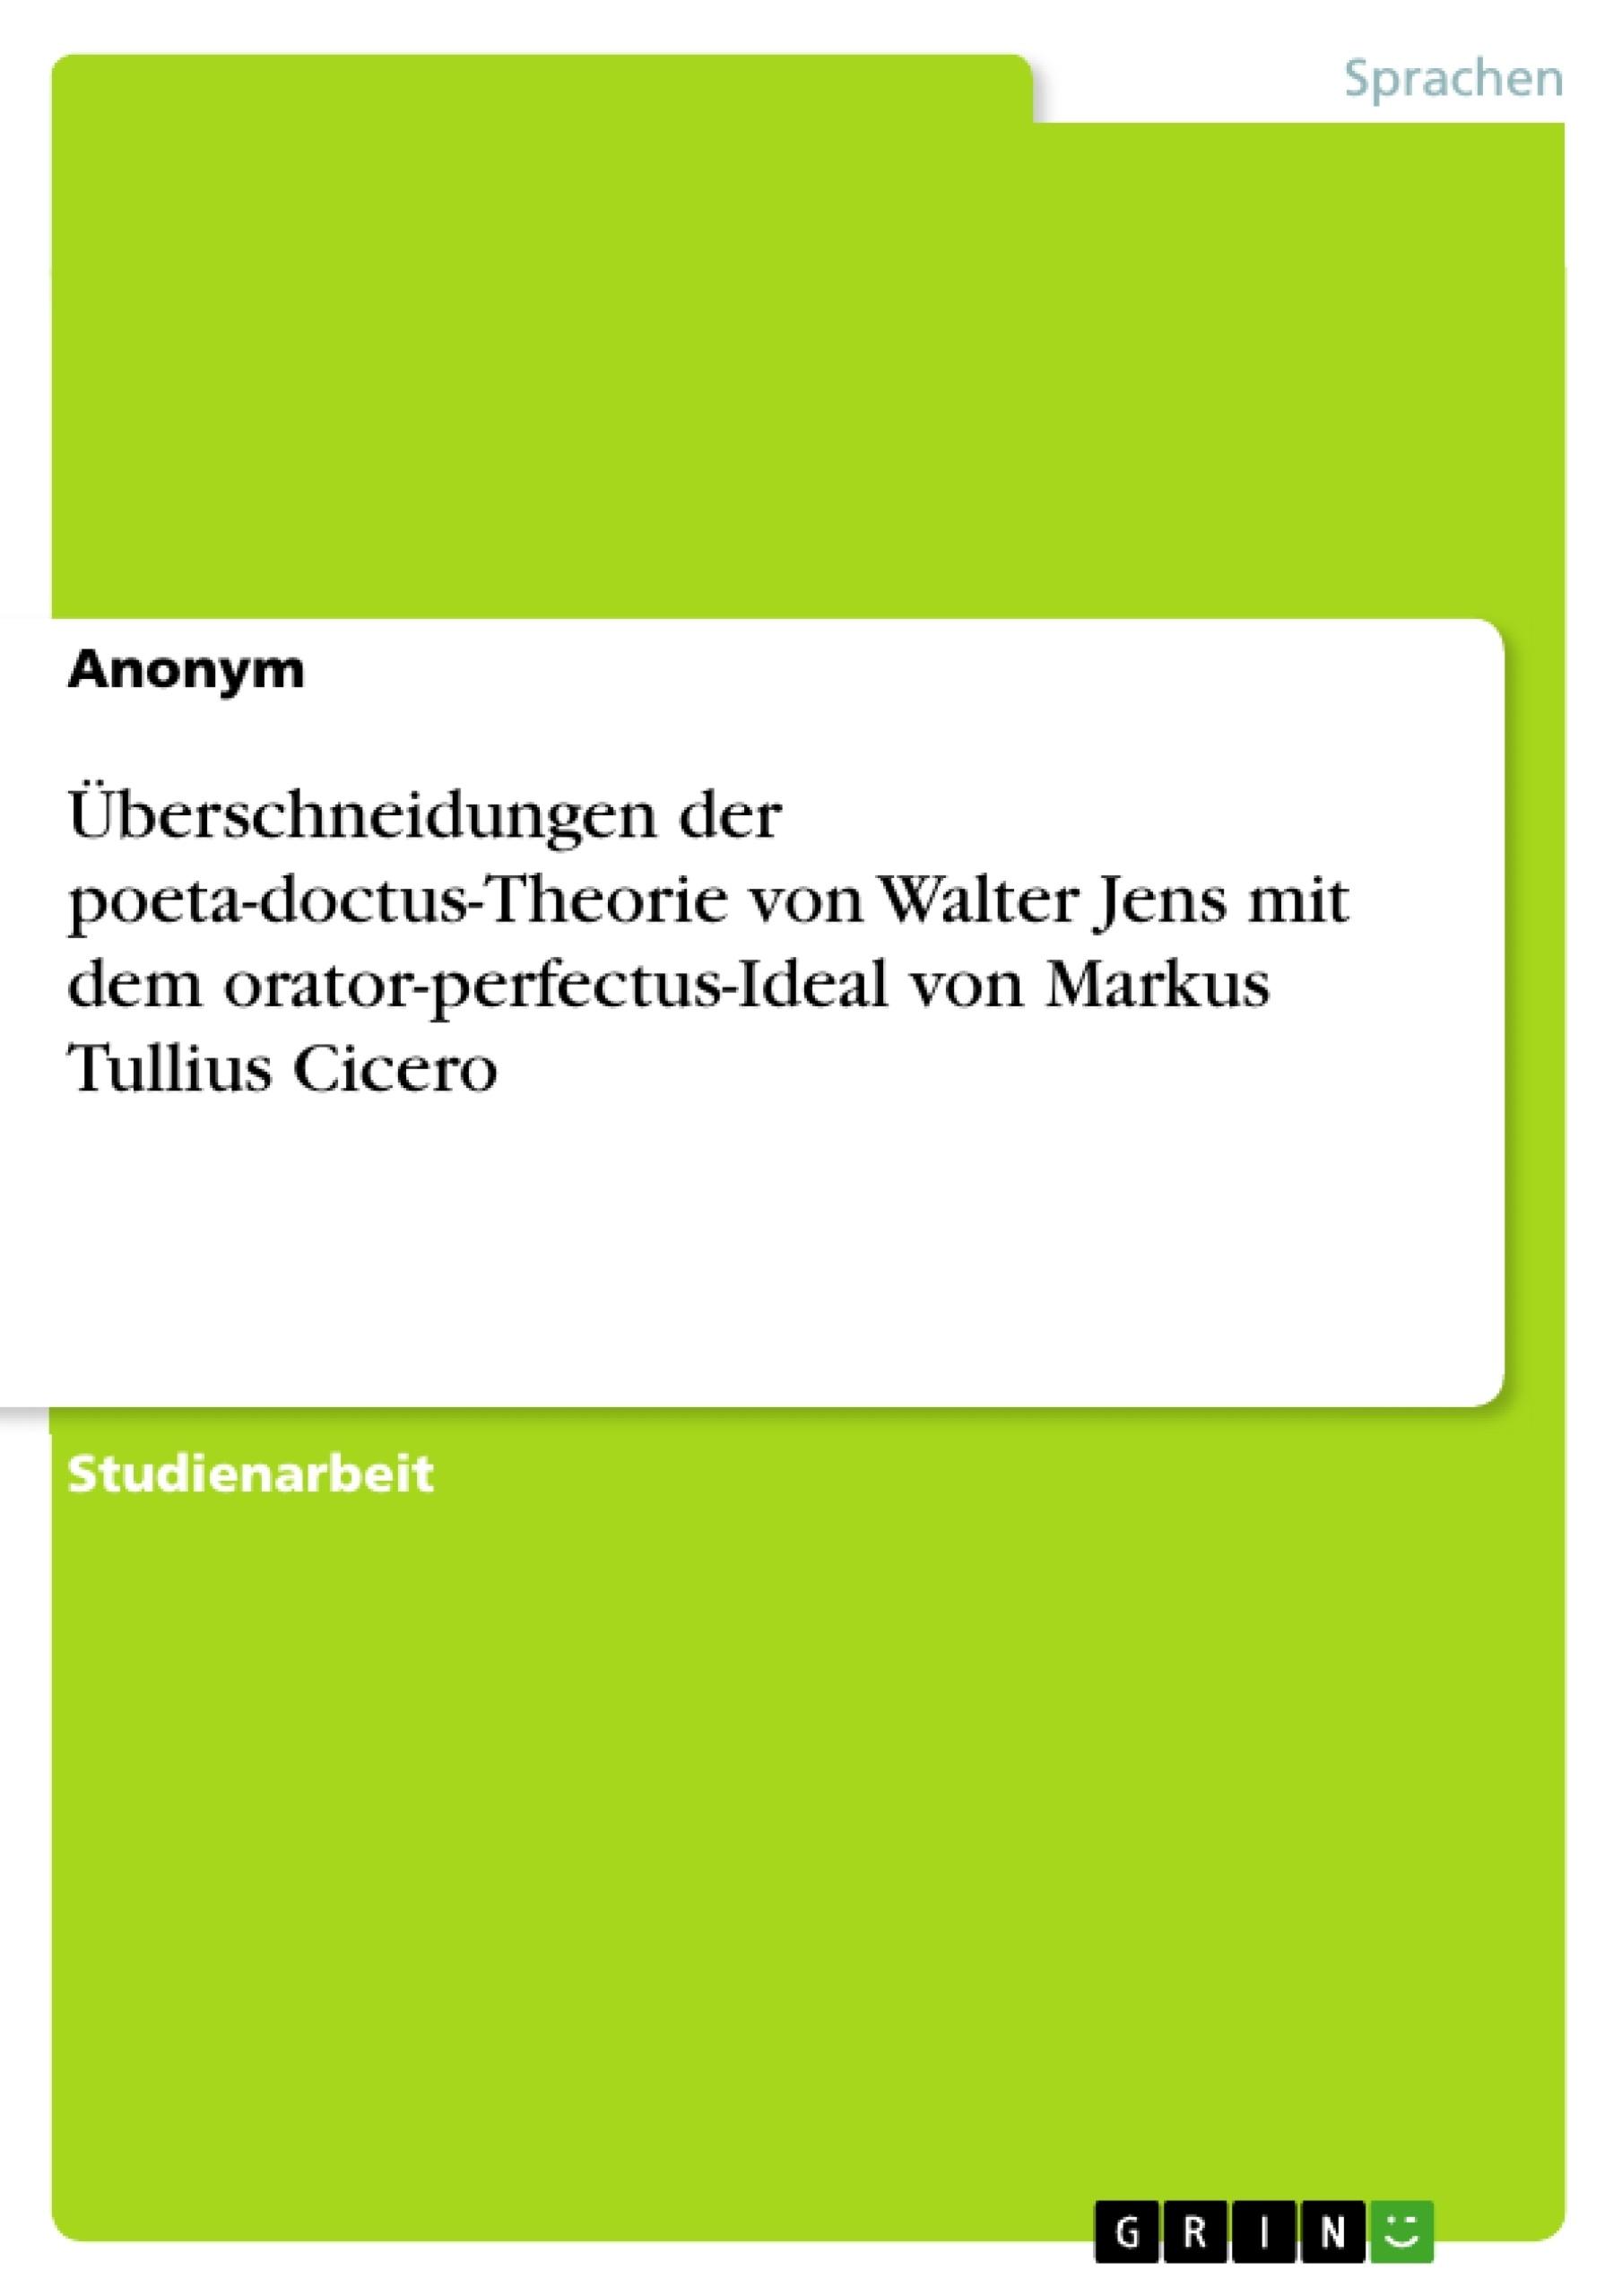 Titel: Überschneidungen der poeta-doctus-Theorie von Walter Jens mit dem orator-perfectus-Ideal von Markus Tullius Cicero